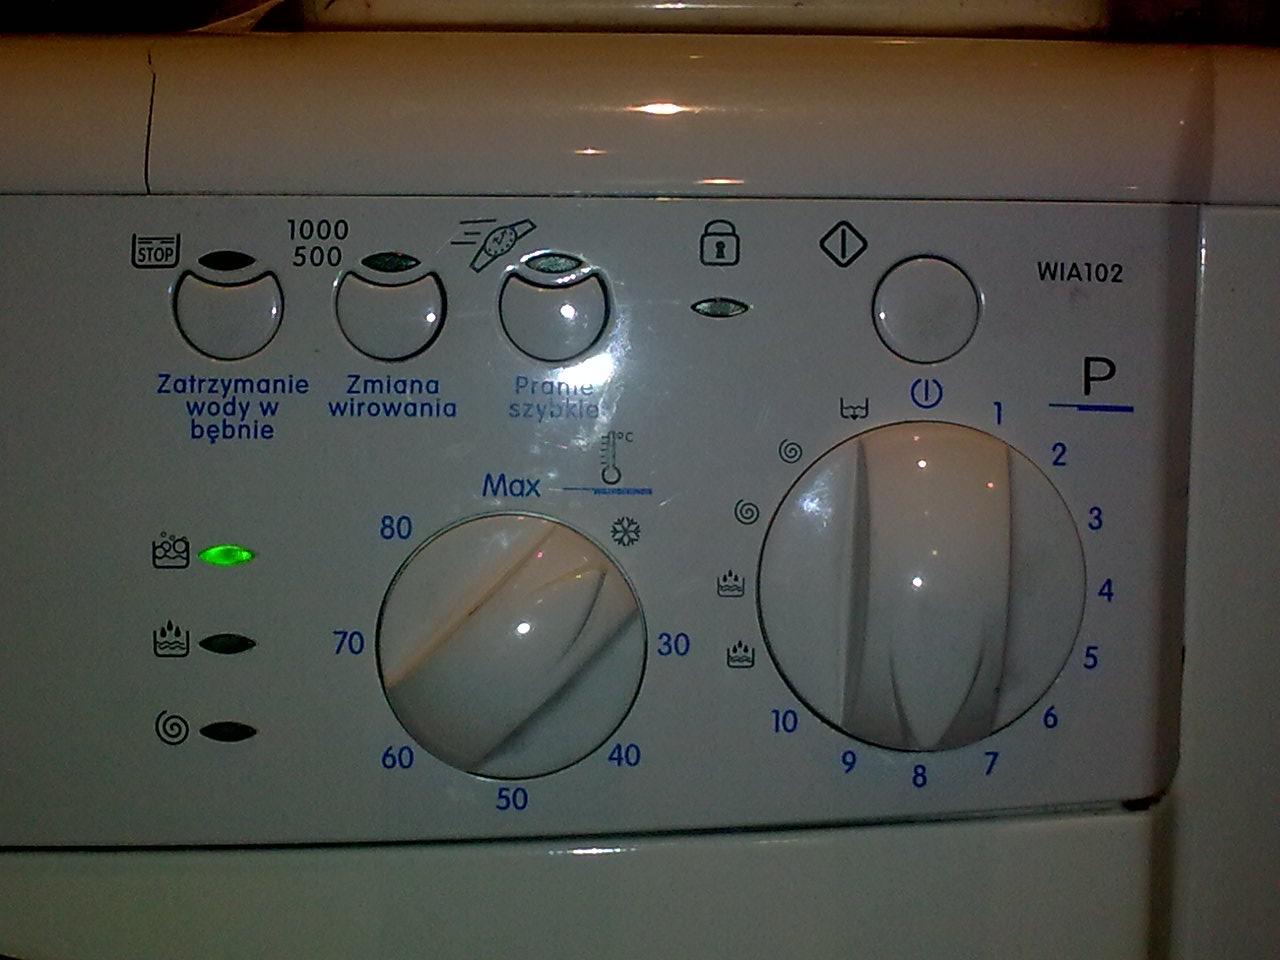 Pralka INDESIT WIA 102 migaja diody. Pom�cie